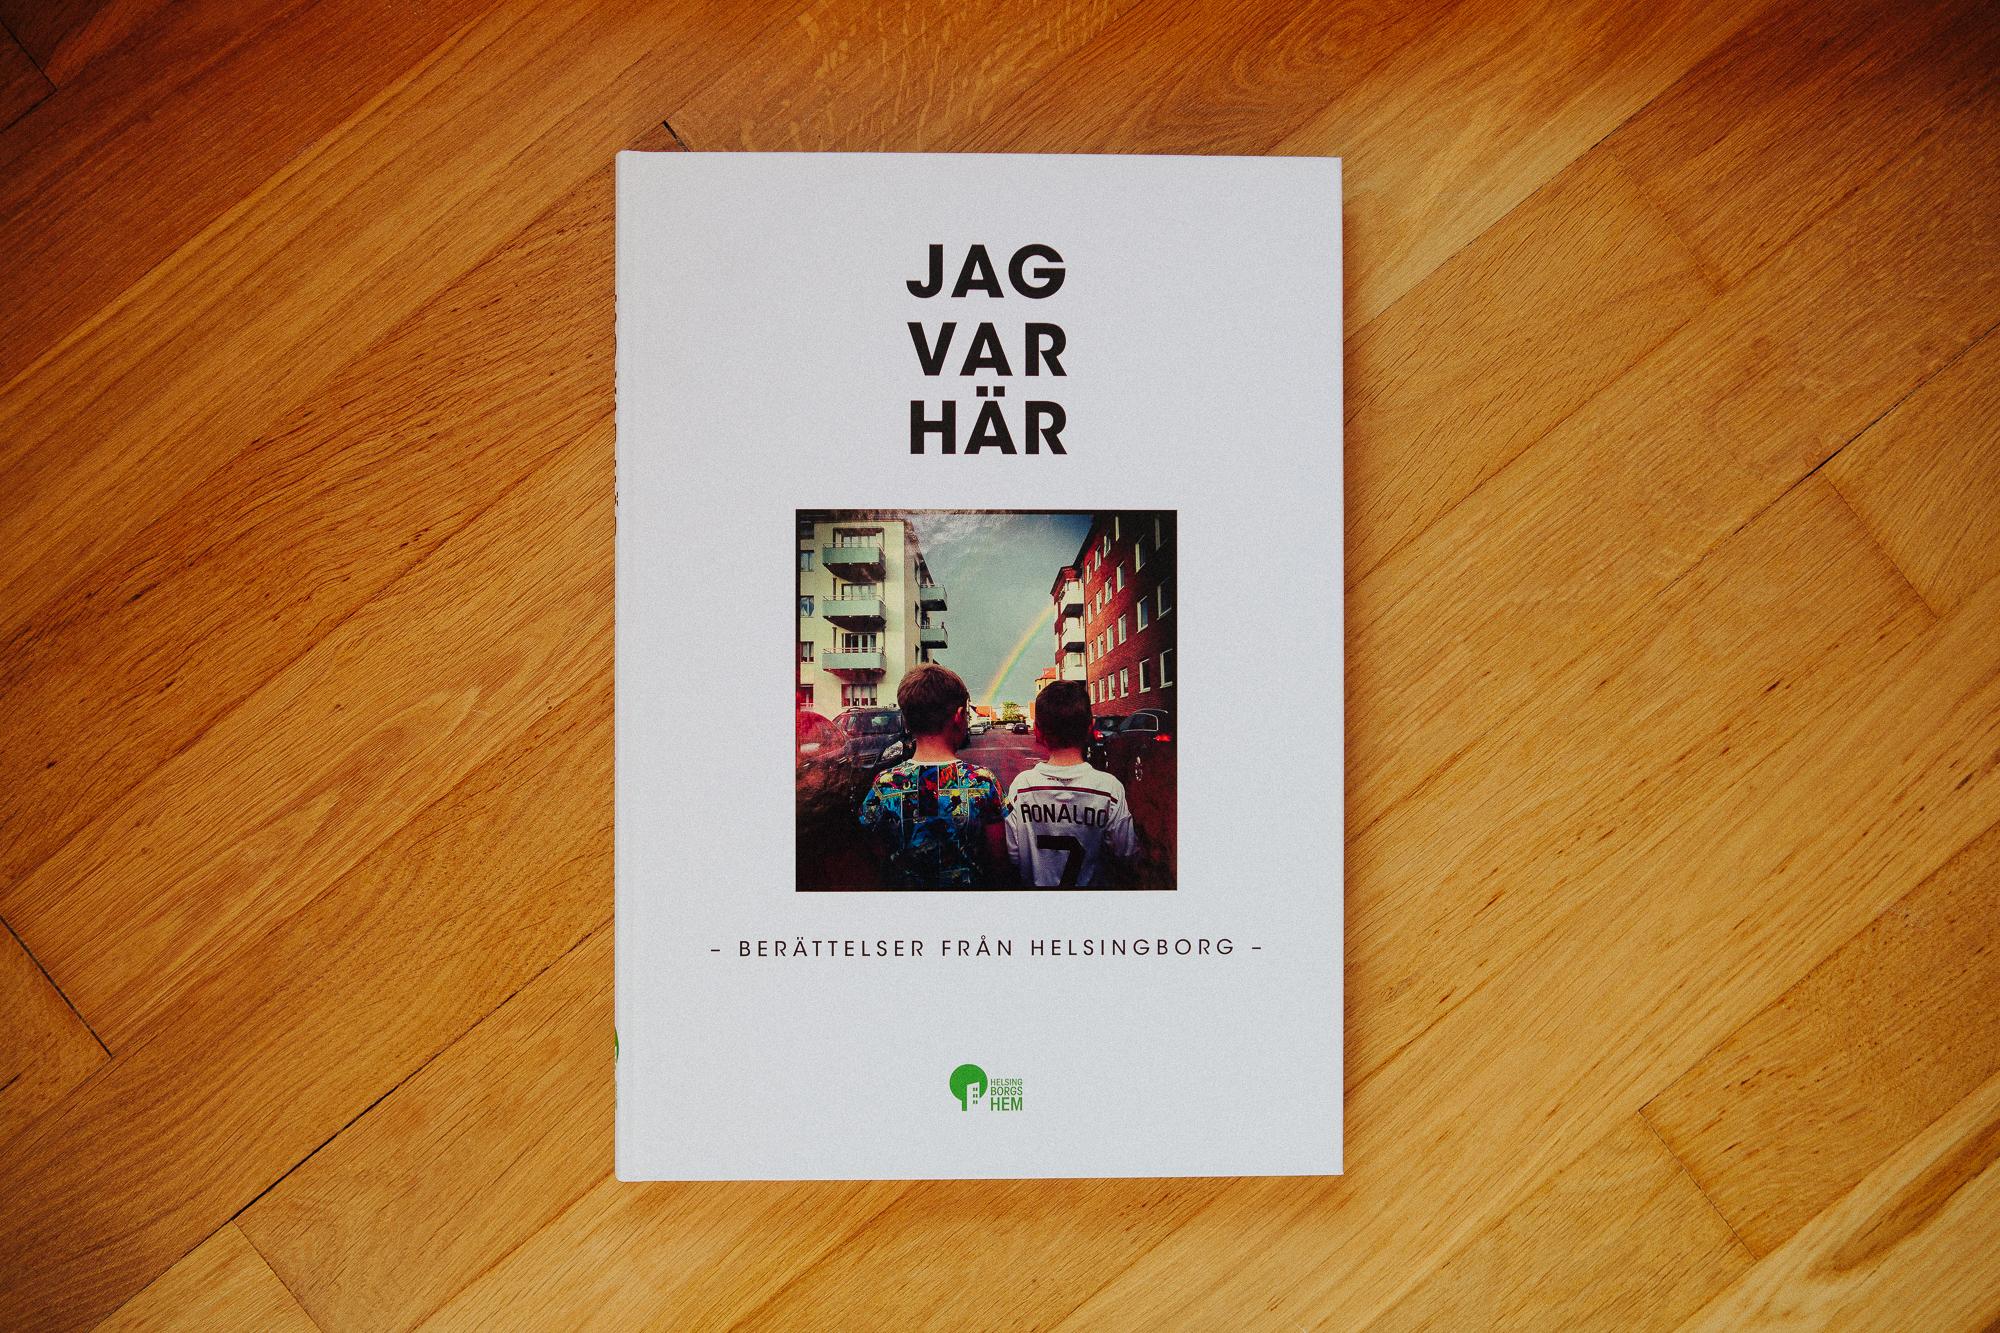 JAG VAR HÄR - Ur projektet I Was Here gjorde vi denna bok till Helsingborgshem AB. I syfte att lyfta fram människor i områden som kanske inte alltid syns. Vi tog del av historier och öden som bygger det samhälle vi lever i.